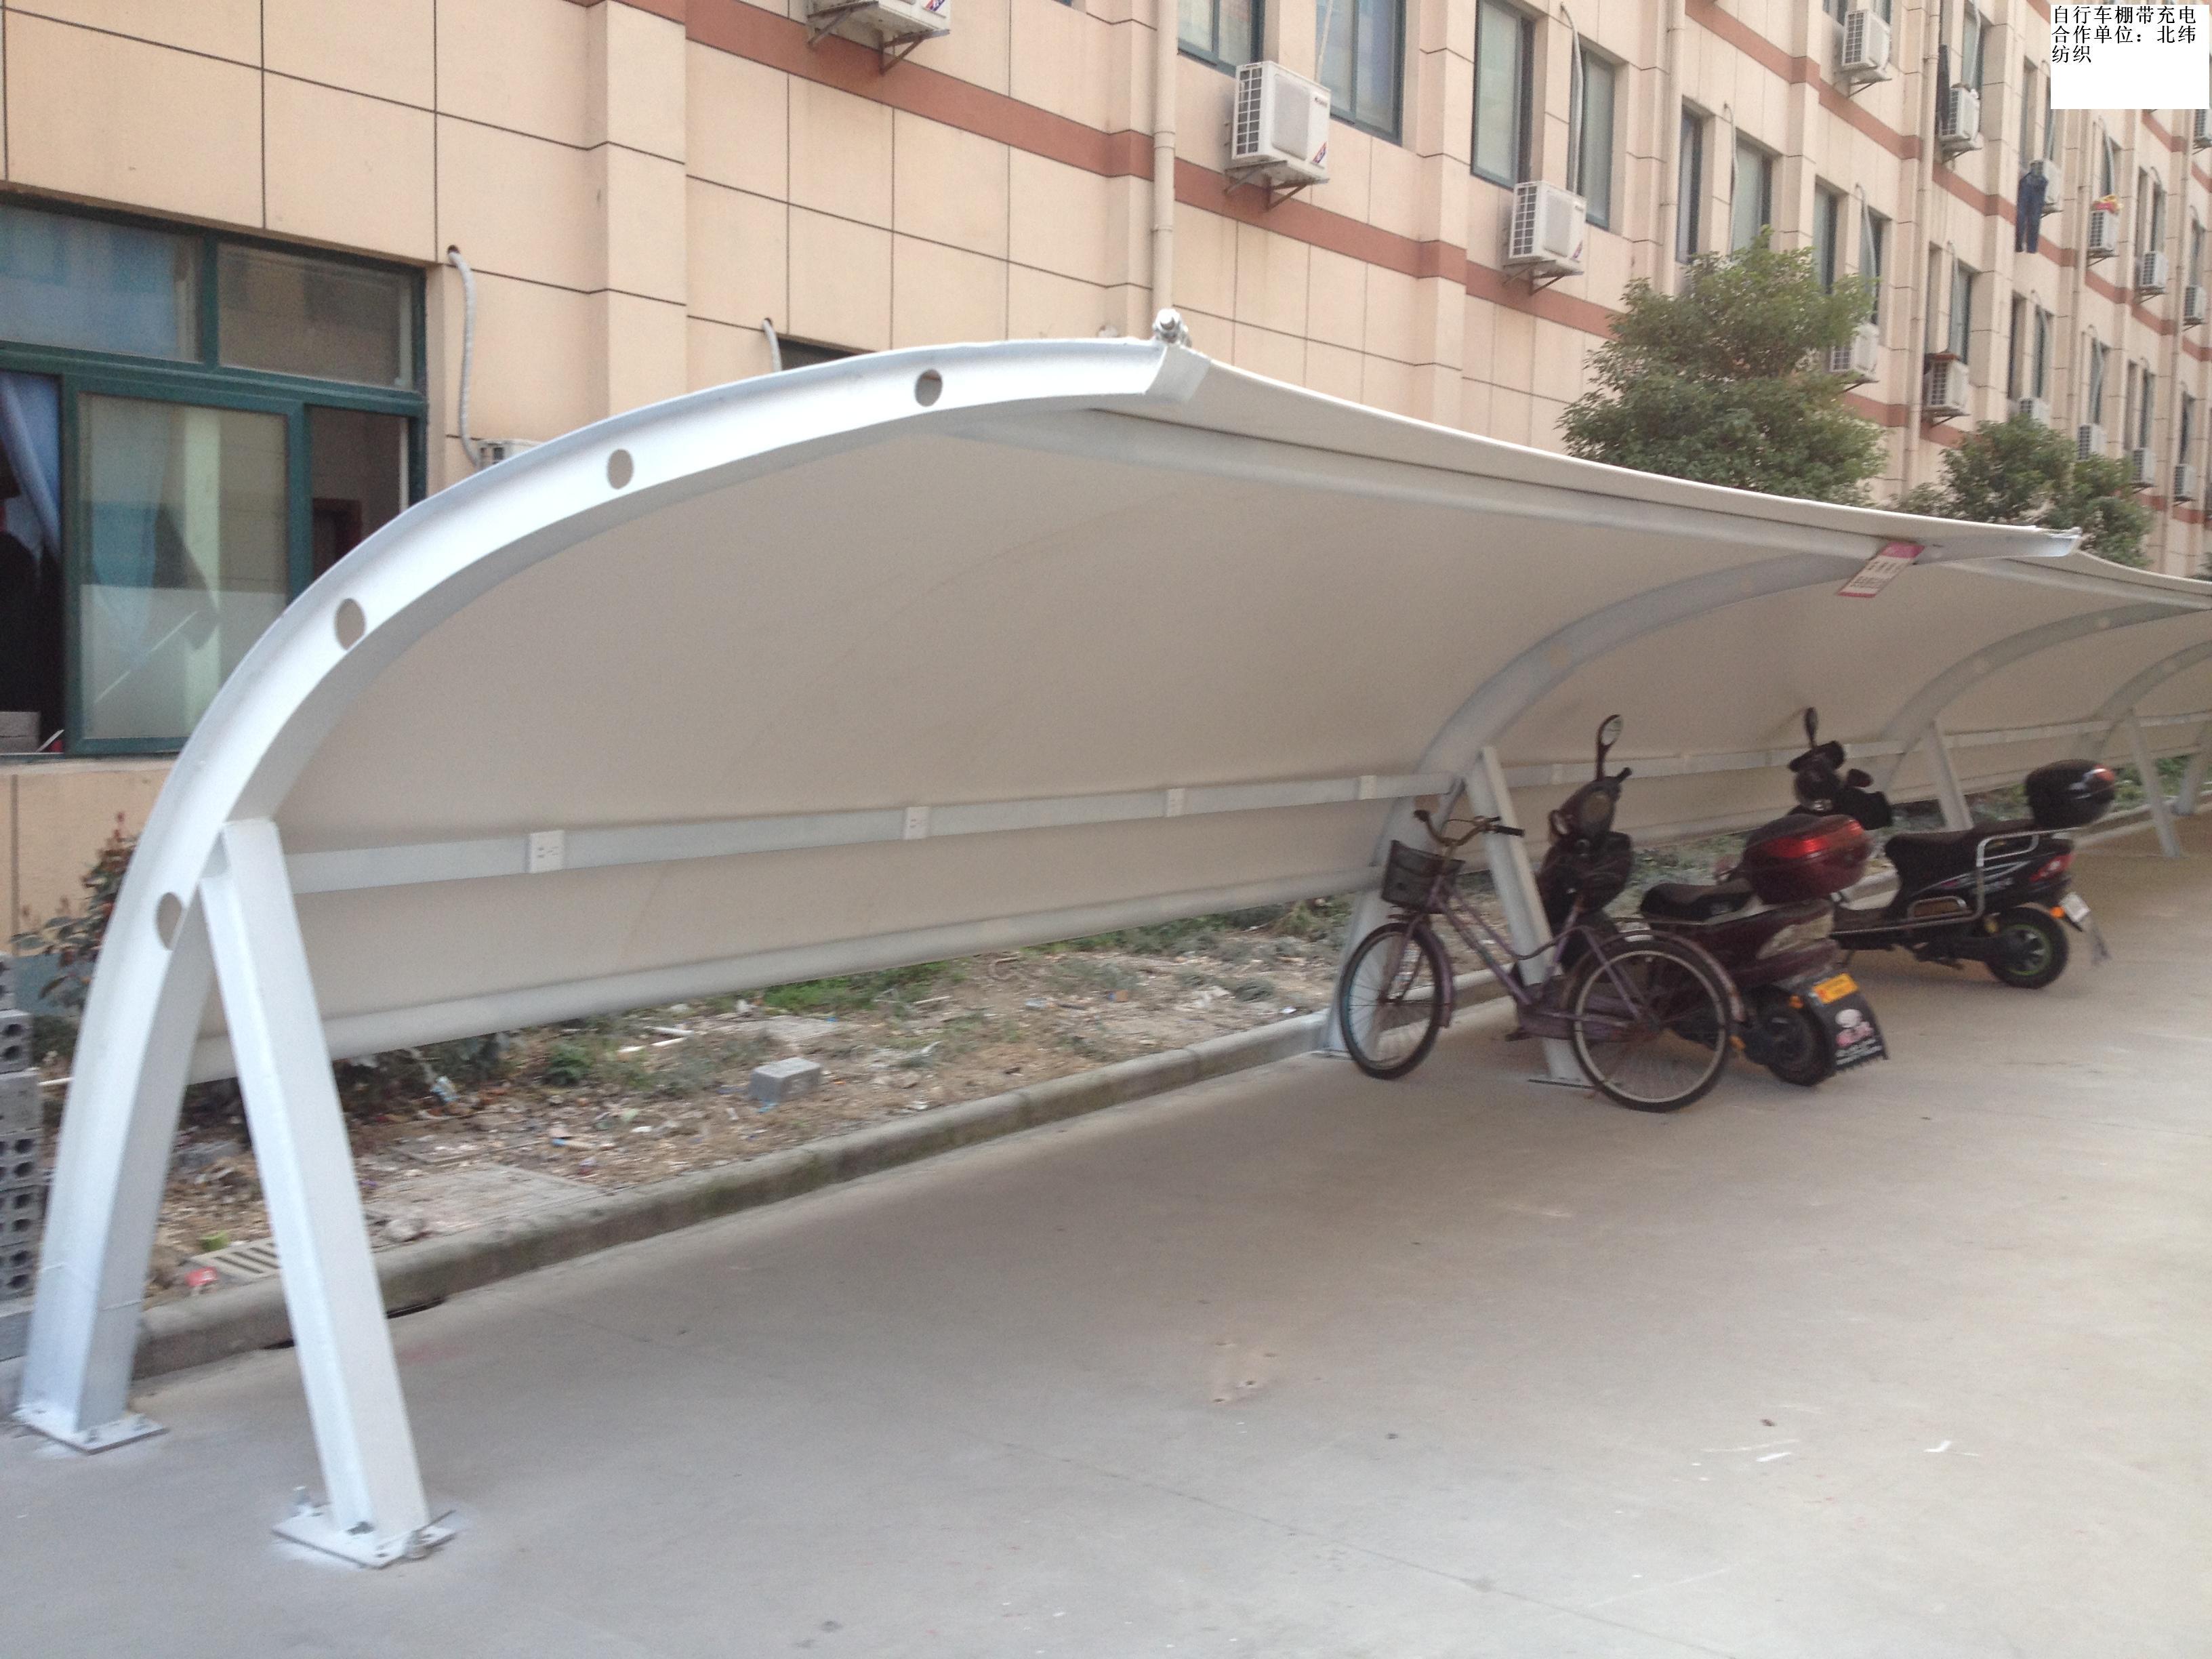 台州膜结构自行车棚价格